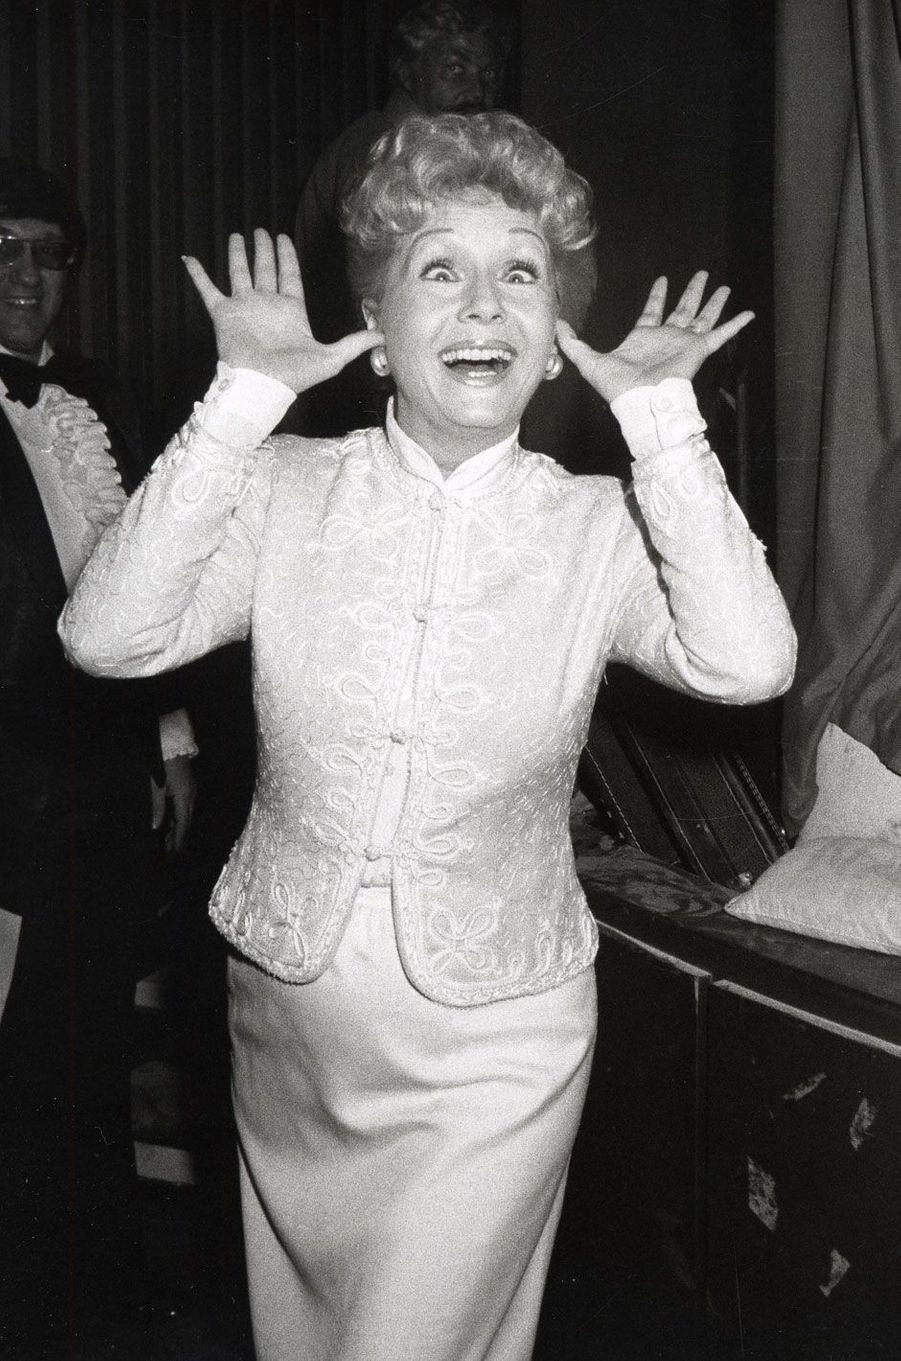 1982 - Debbie Reynolds facétieuse